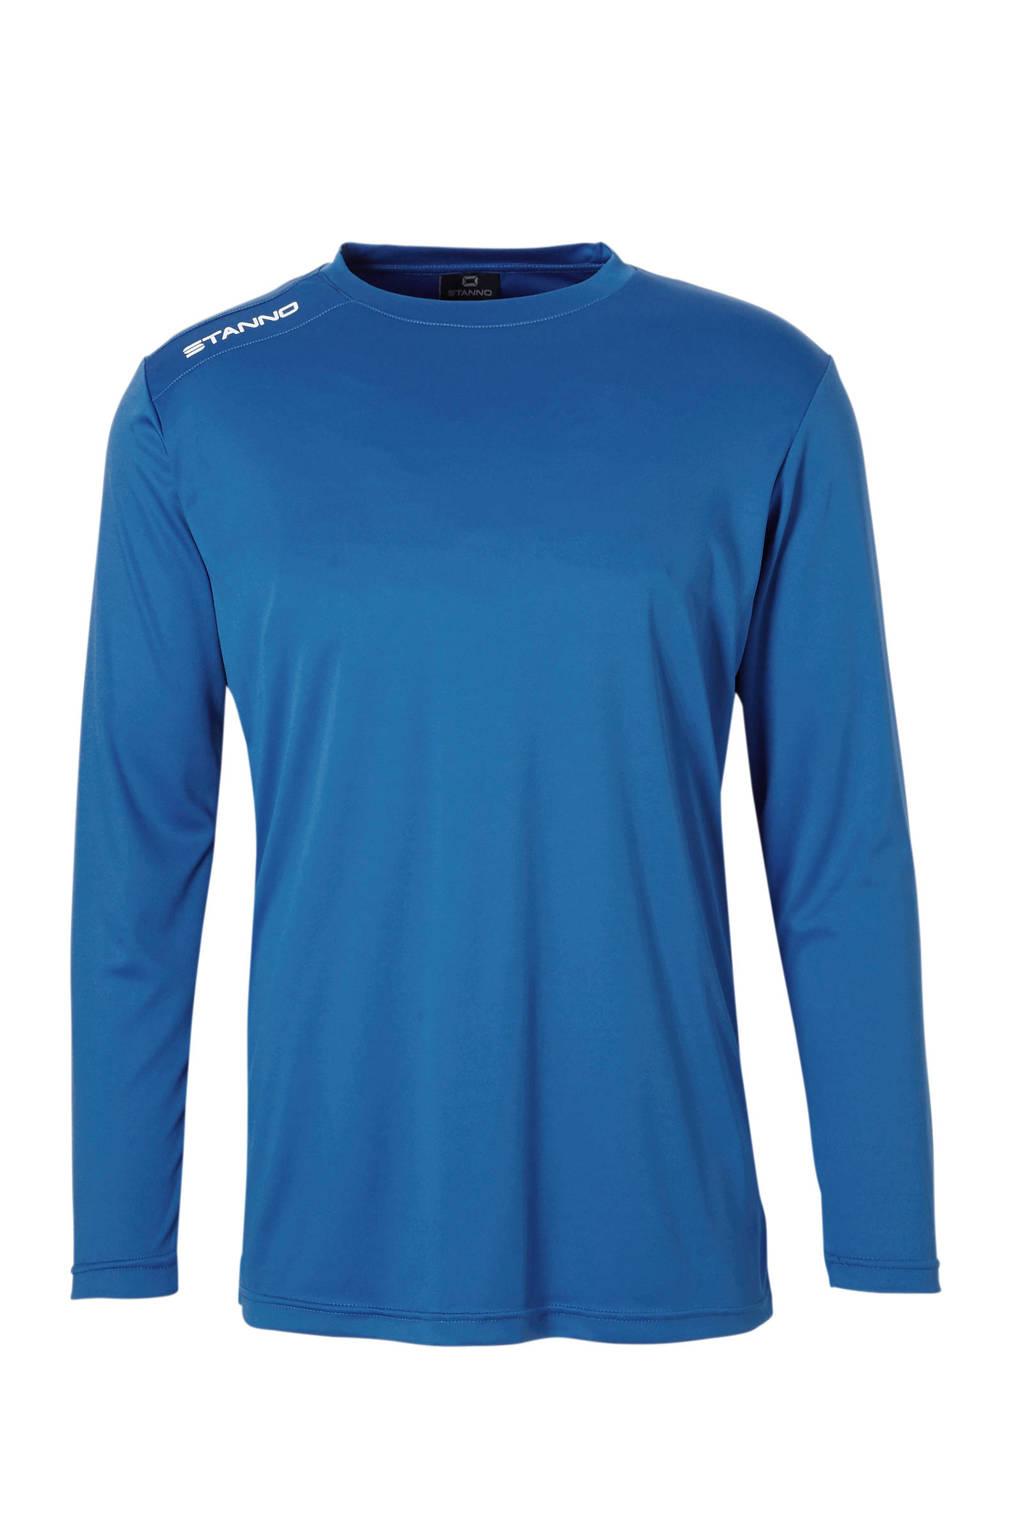 Stanno   sport T-shirt blauw, Blauw, Heren